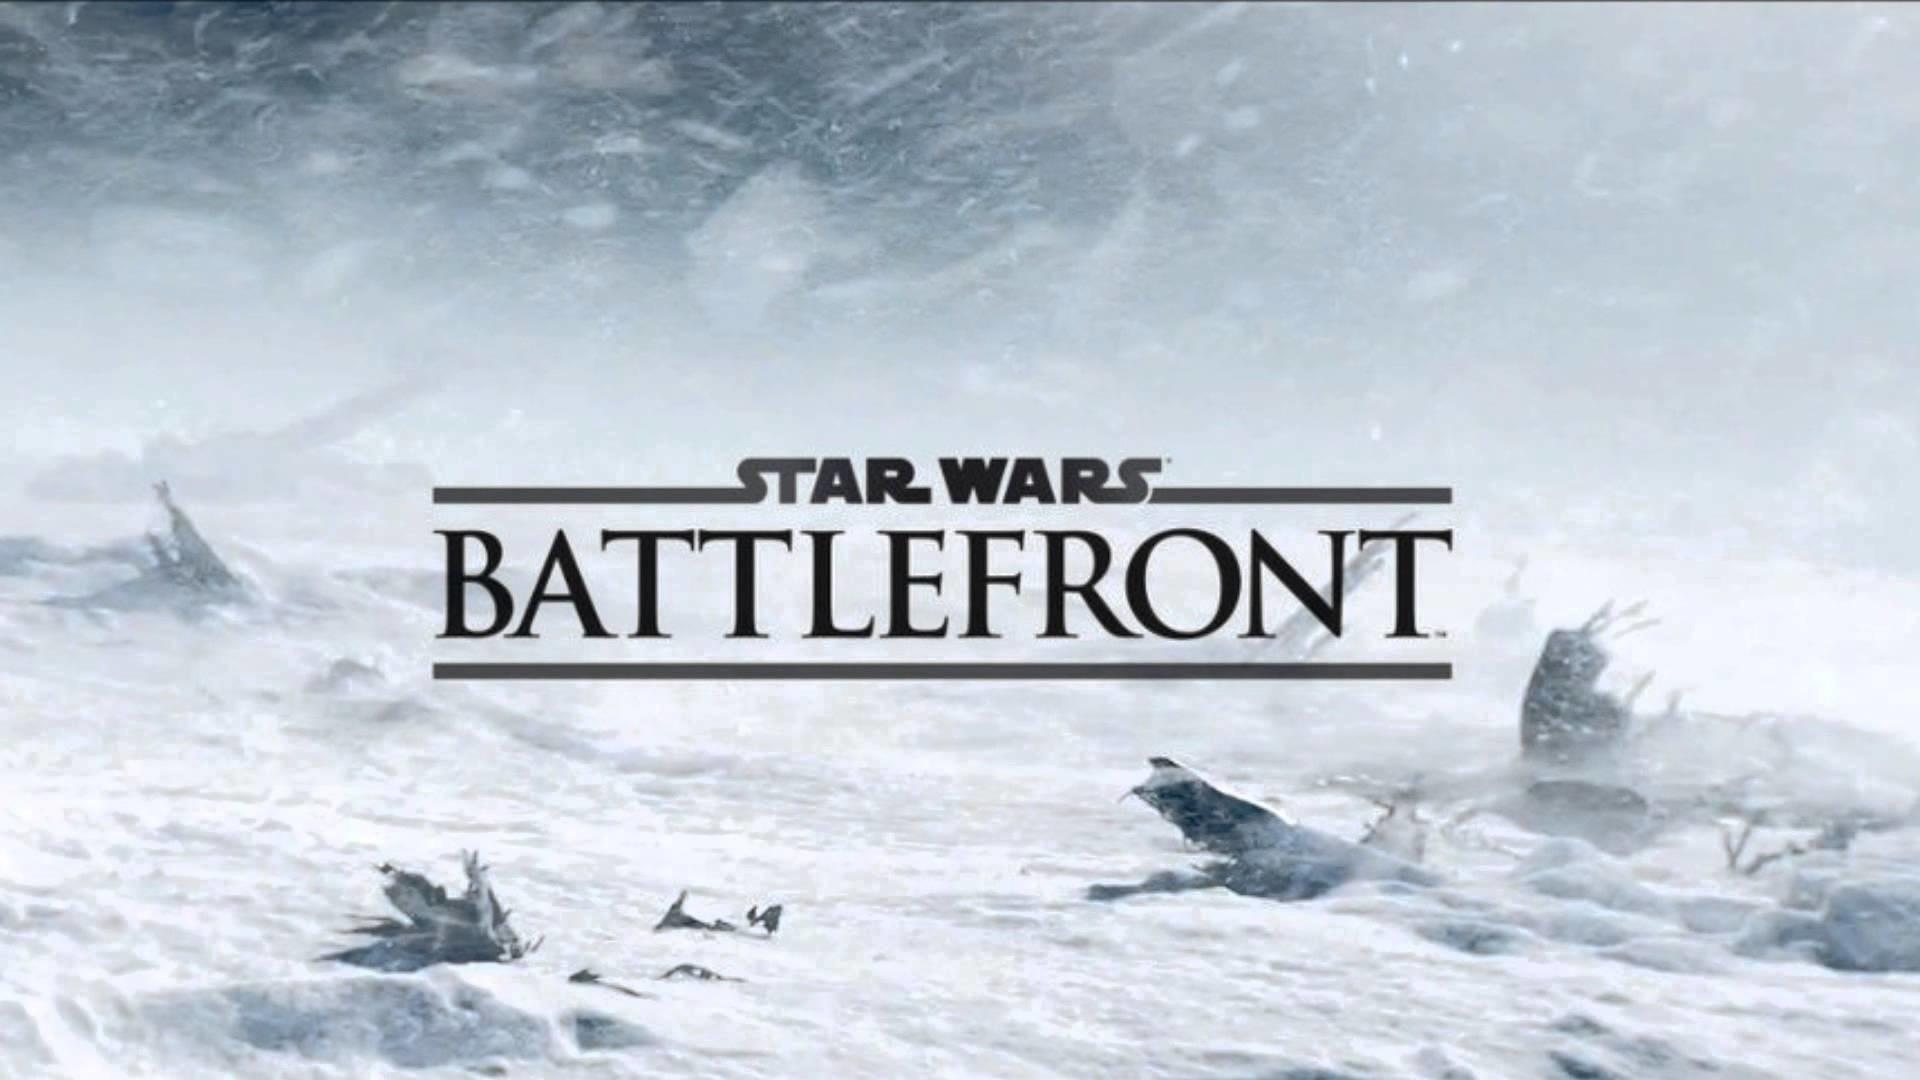 No Death Star Map In Star Wars: Battlefront